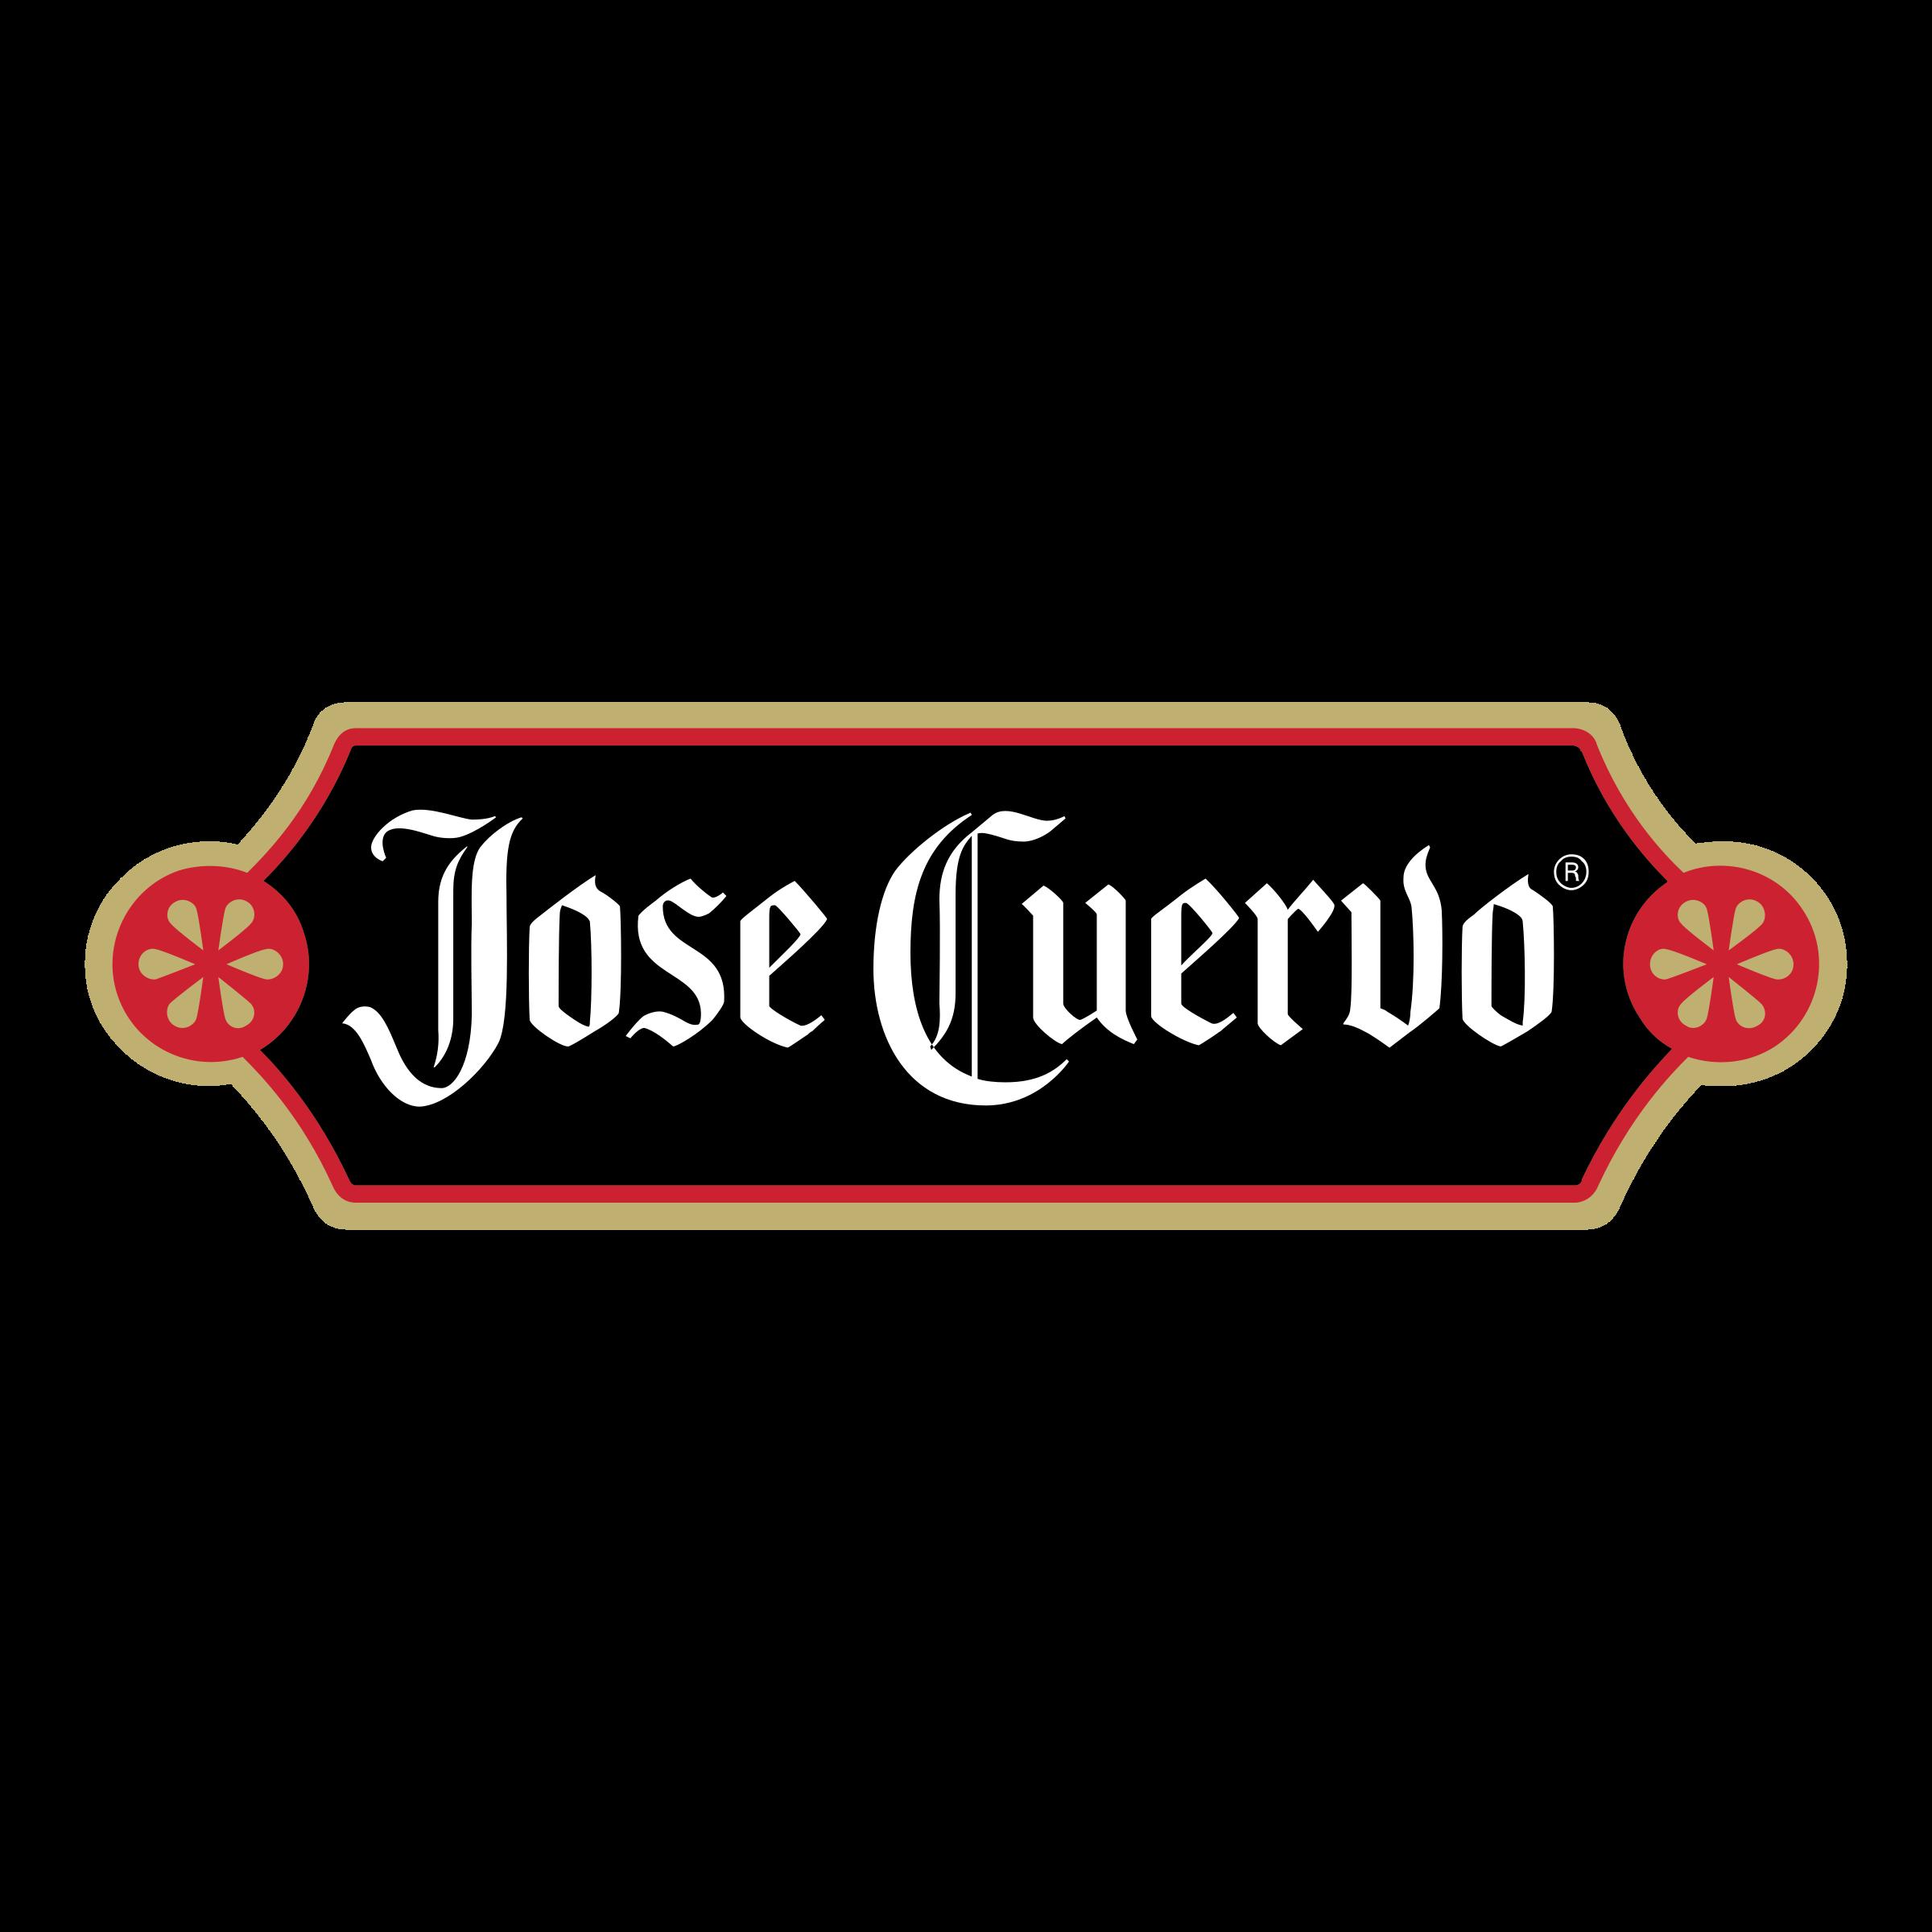 Jose Cuervo Logo PNG Transparent & SVG Vector.